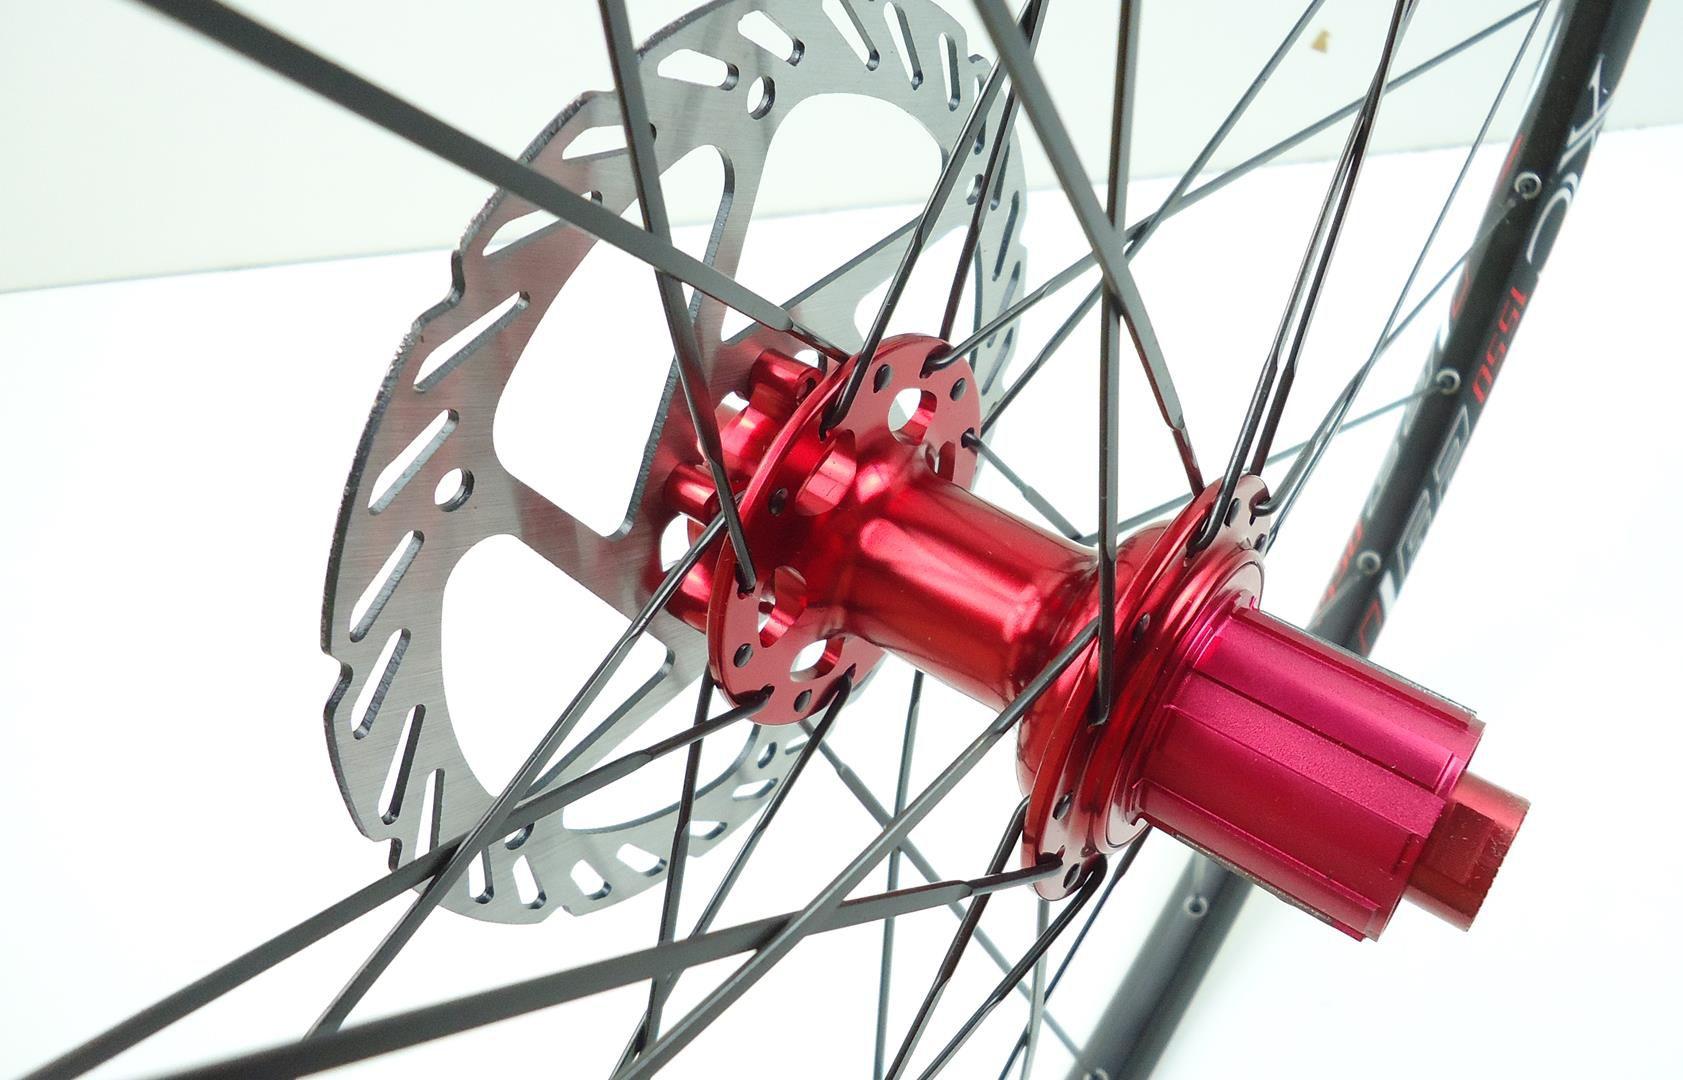 Rodas MTB Vicinitech 1550 Disc Aro 29 Alumino Preta com Cubo Vermelho Com Discos